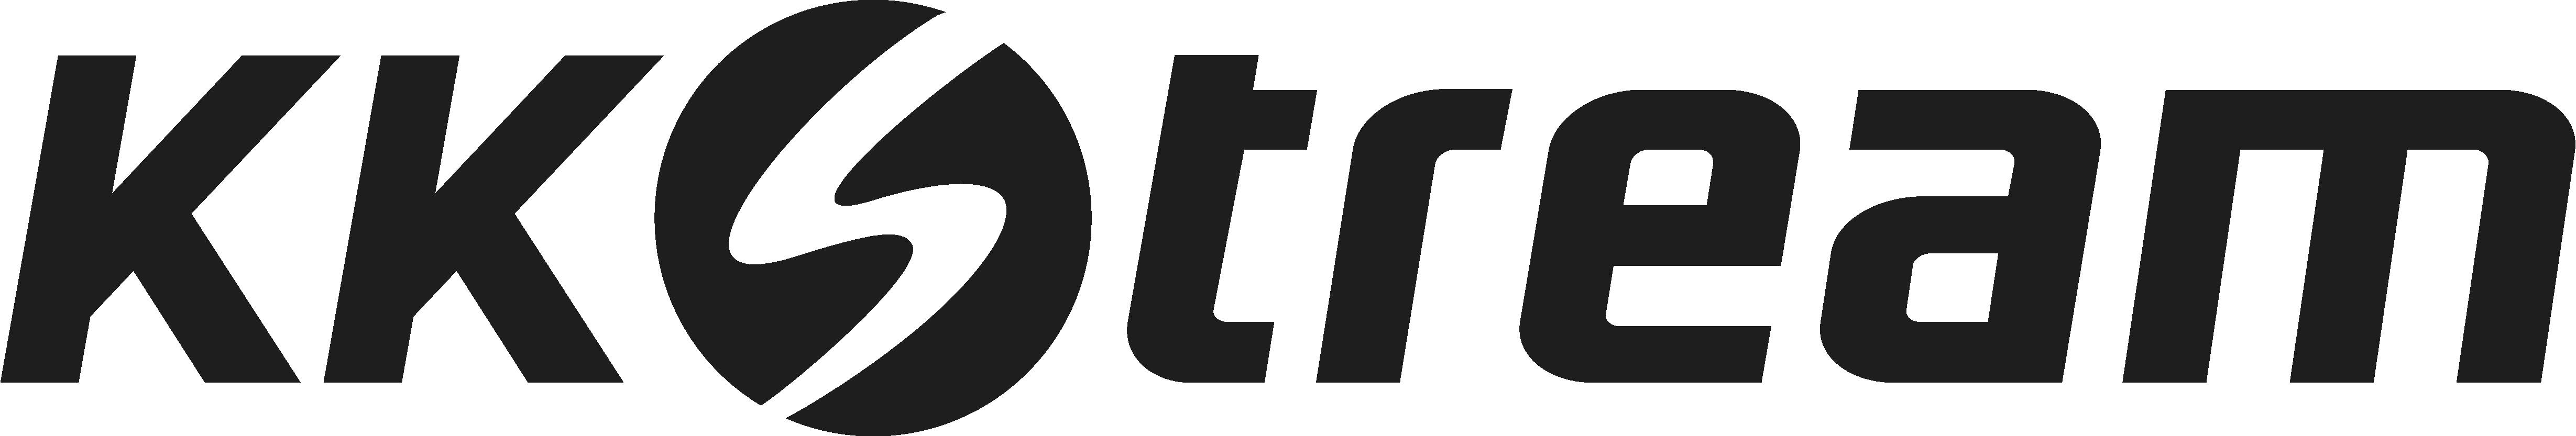 KKStream logo